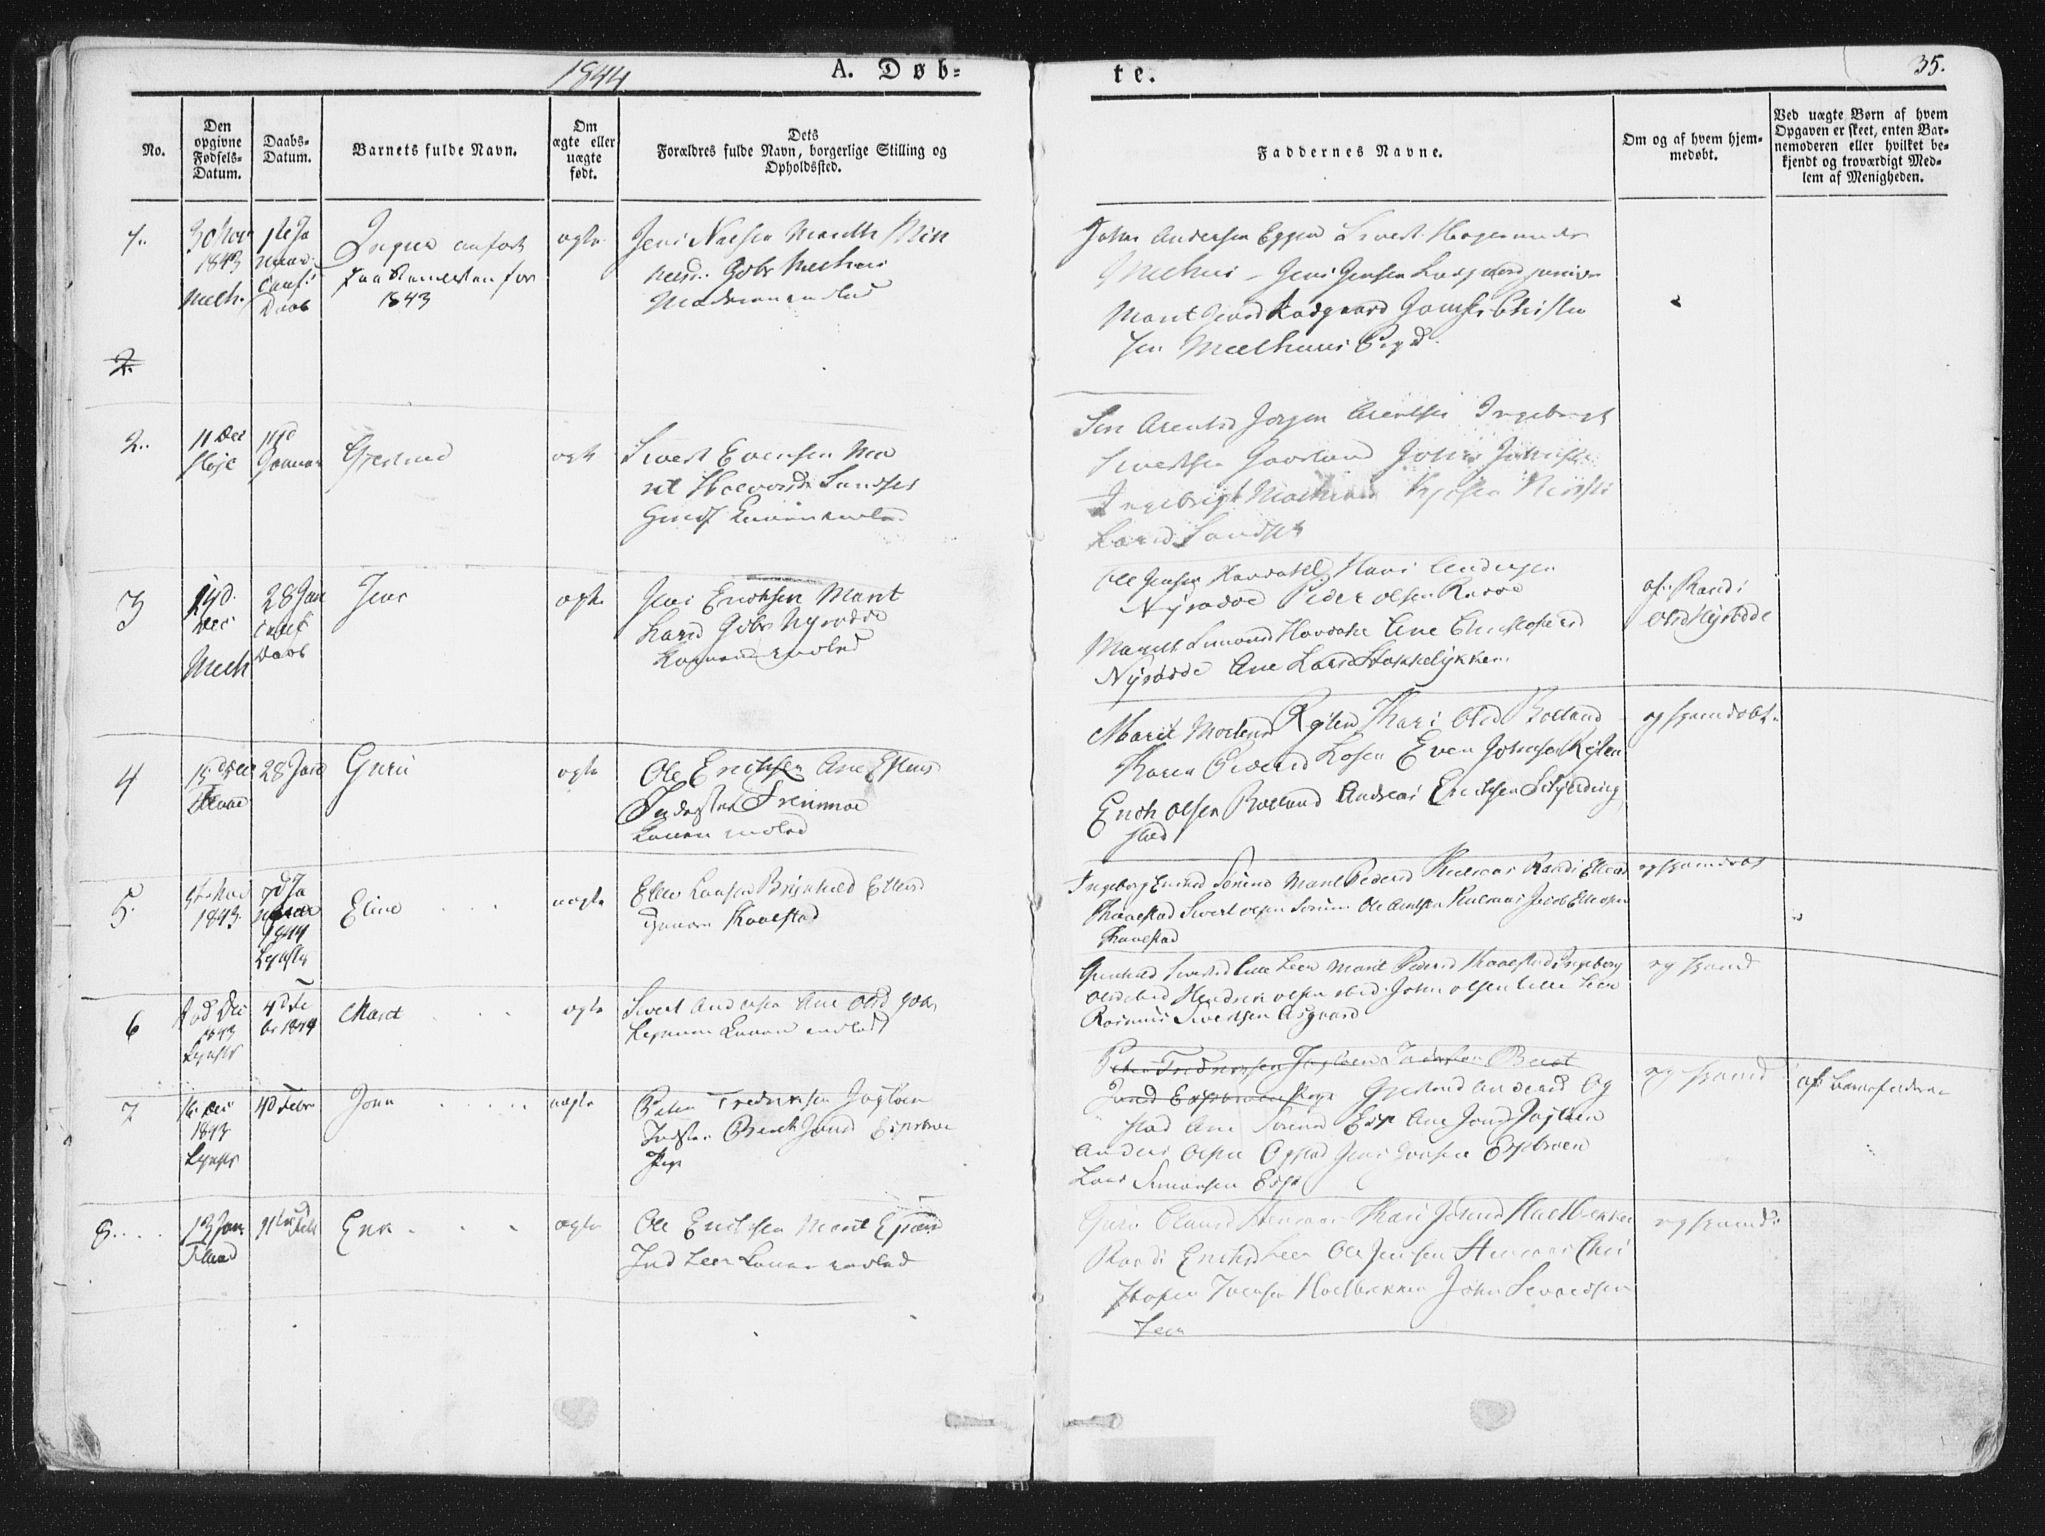 SAT, Ministerialprotokoller, klokkerbøker og fødselsregistre - Sør-Trøndelag, 691/L1074: Ministerialbok nr. 691A06, 1842-1852, s. 35